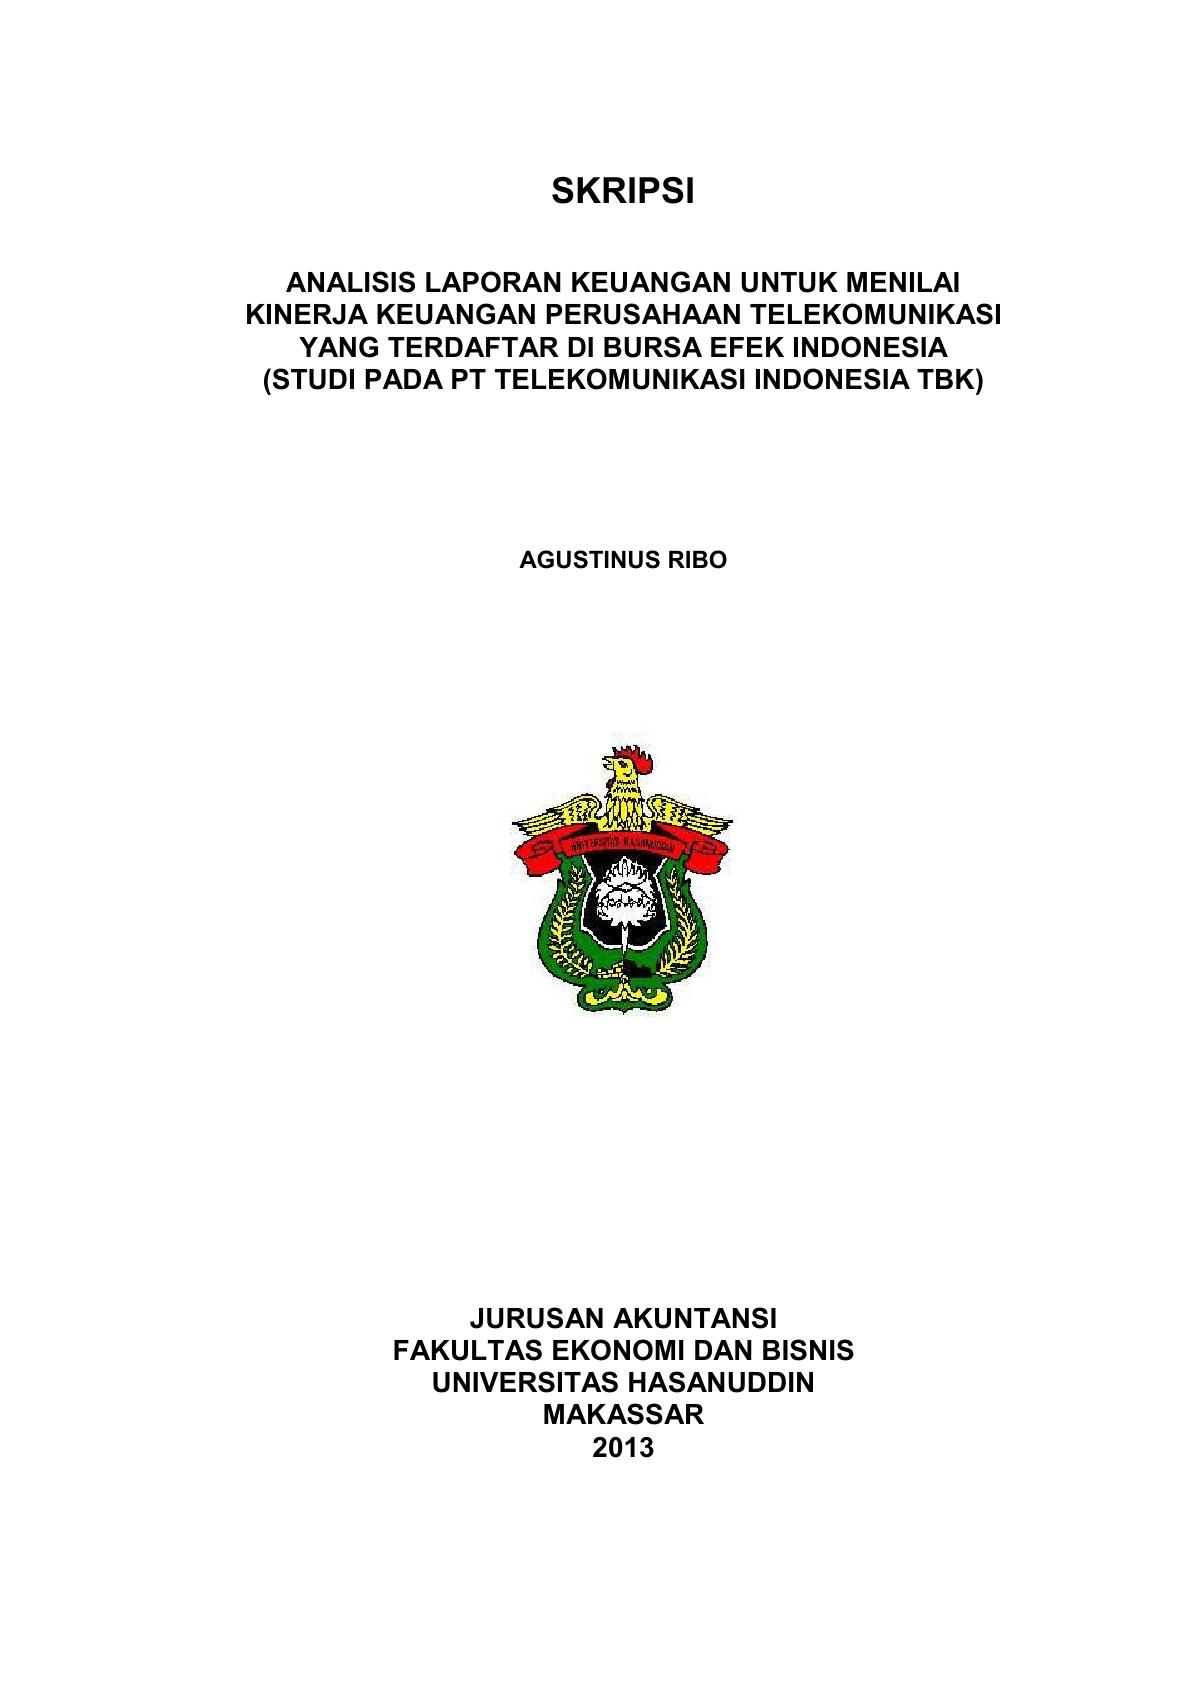 Analisis Laporan Keuangan Untuk Menilai Kinerja Keuangan Perusahaan Telekomunikasi Yang Terdaftar Di Bursa Efek Indonesia Studi Pada Pt Telekomunikasi Indonesia Tbk Agustinus Ribo Perpustakaan Universitas Hasanuddin